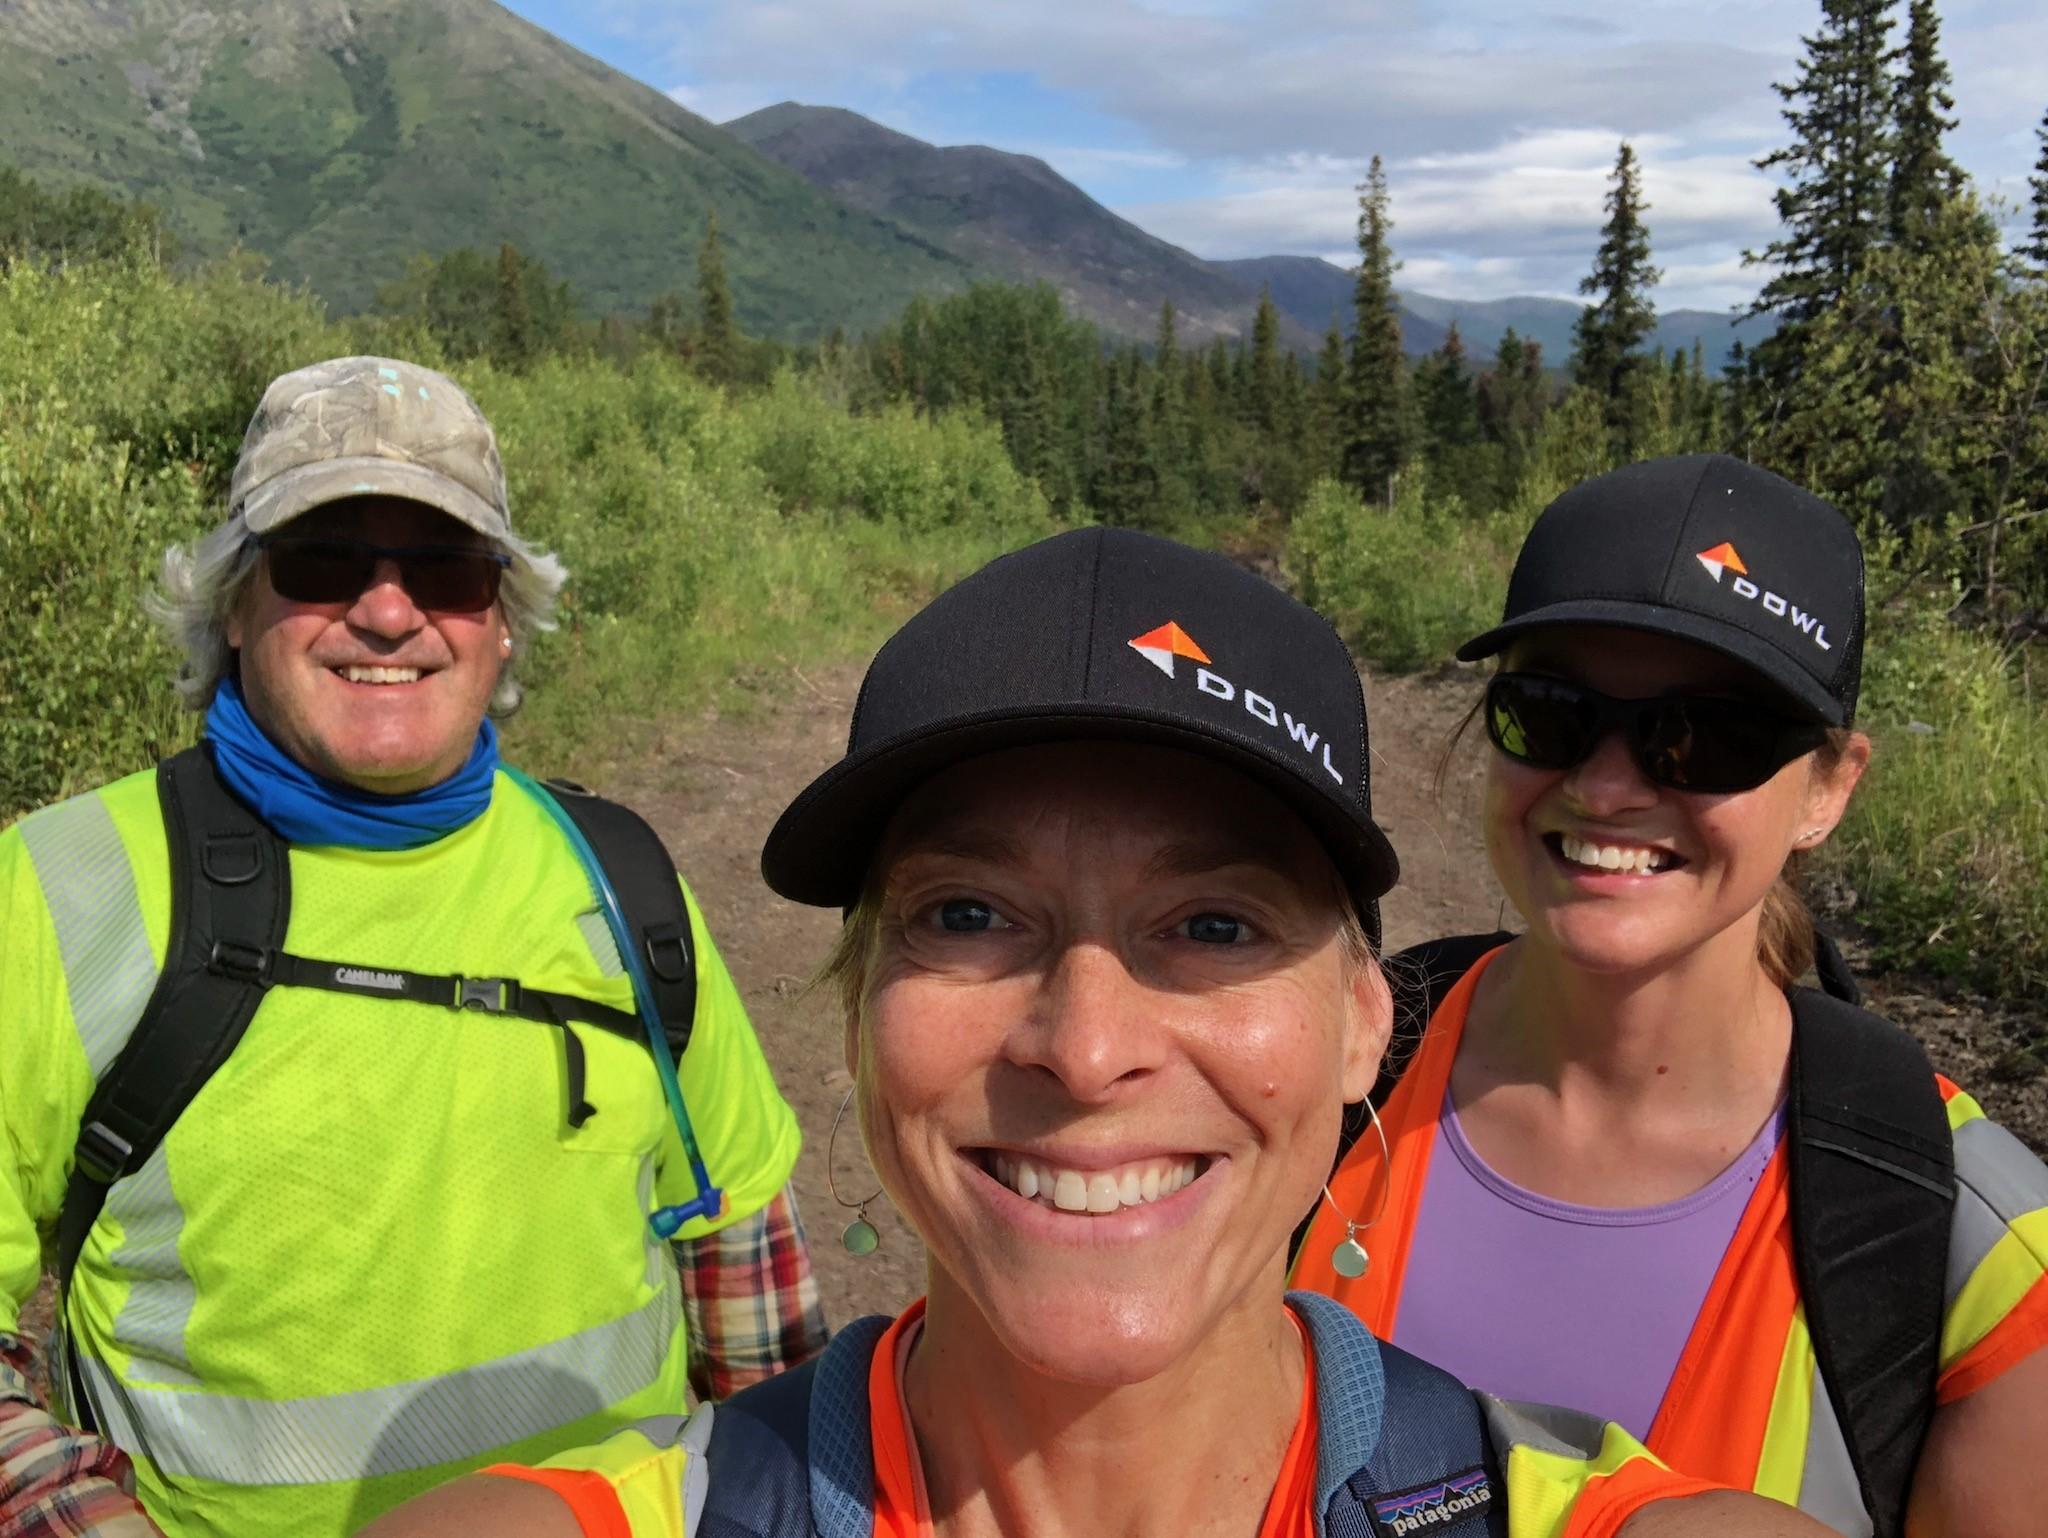 DOWL team members in the field